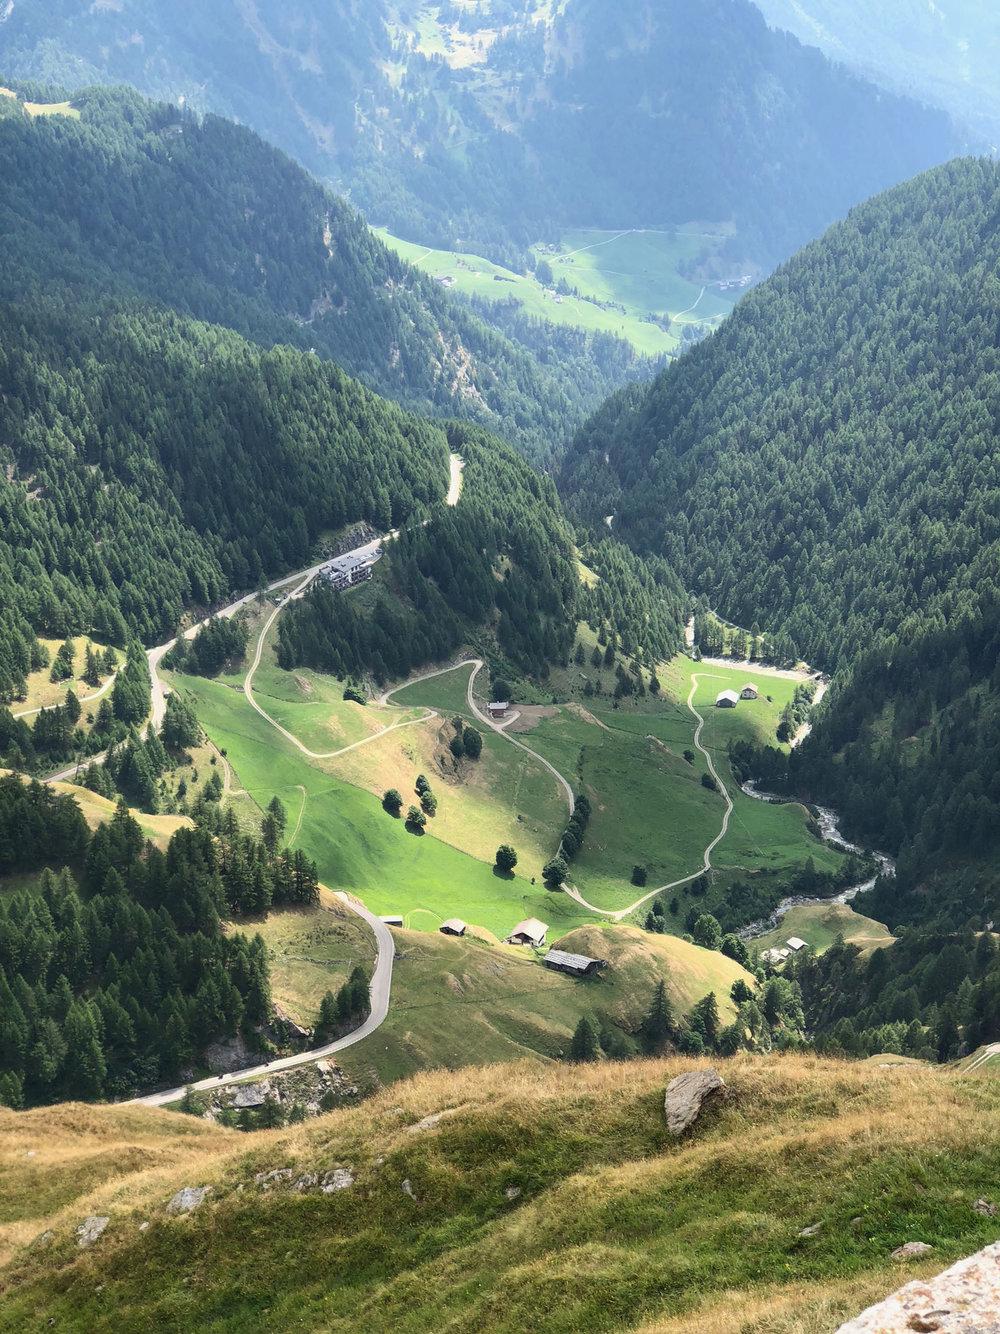 Schulterblick zurück ins Passeier Tal, mittig/links ist der Gasthof Schönau zu erkennen.Schulterblick zurück ins Passeier Tal, mittig/links ist der Gasthof Schönau zu erkennen.